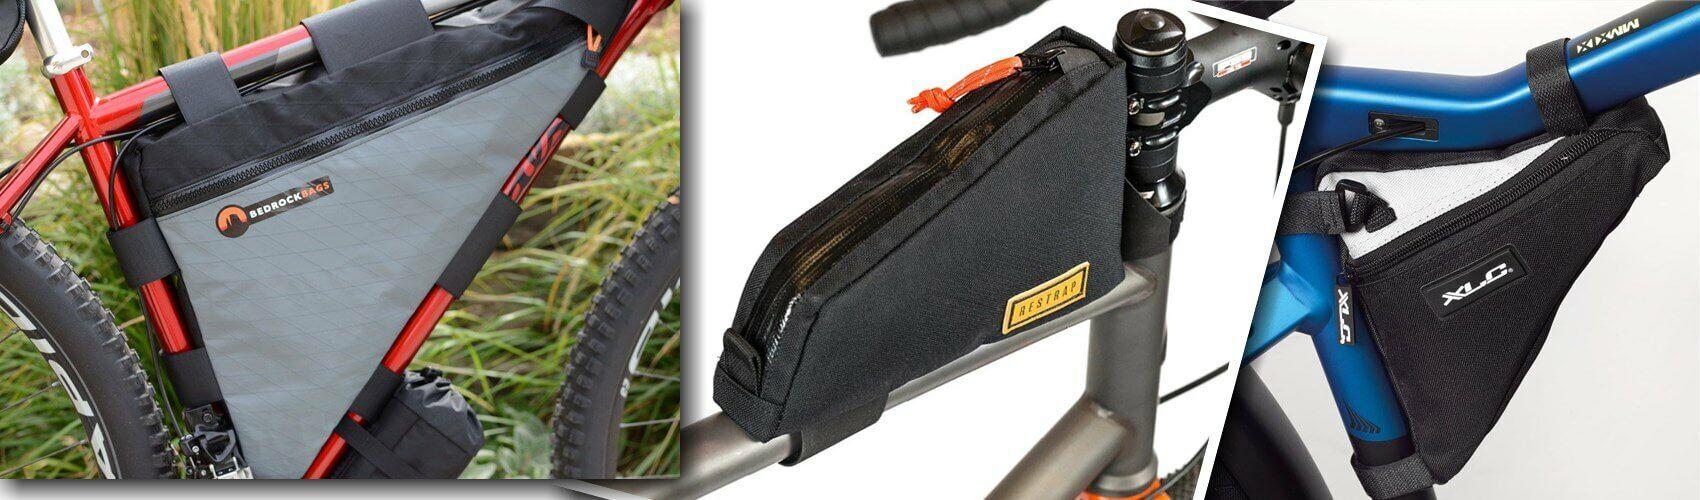 5k_bikepacking túra közlekedés mibe pakold a cuccot a kerékpáron, melyik táska hova és mire való